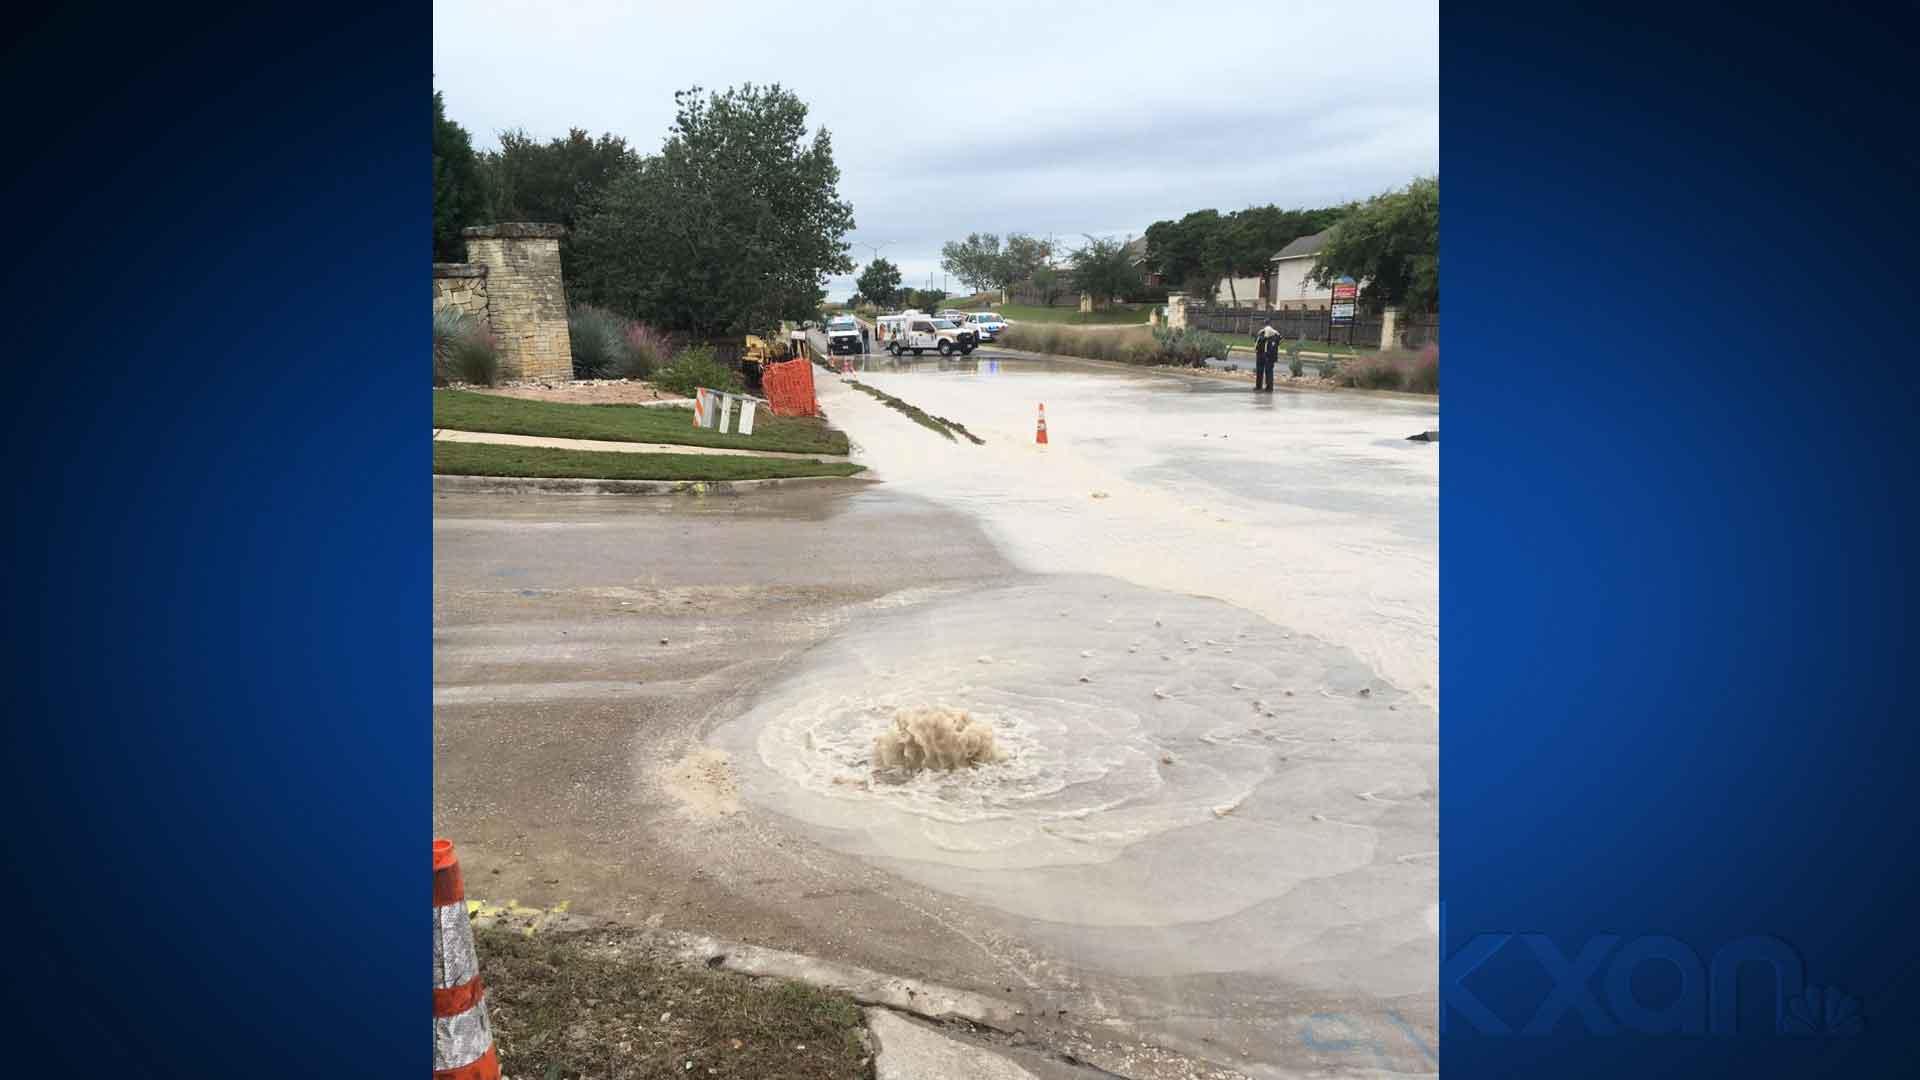 Water main cracked during work in Lakeline area of Leander